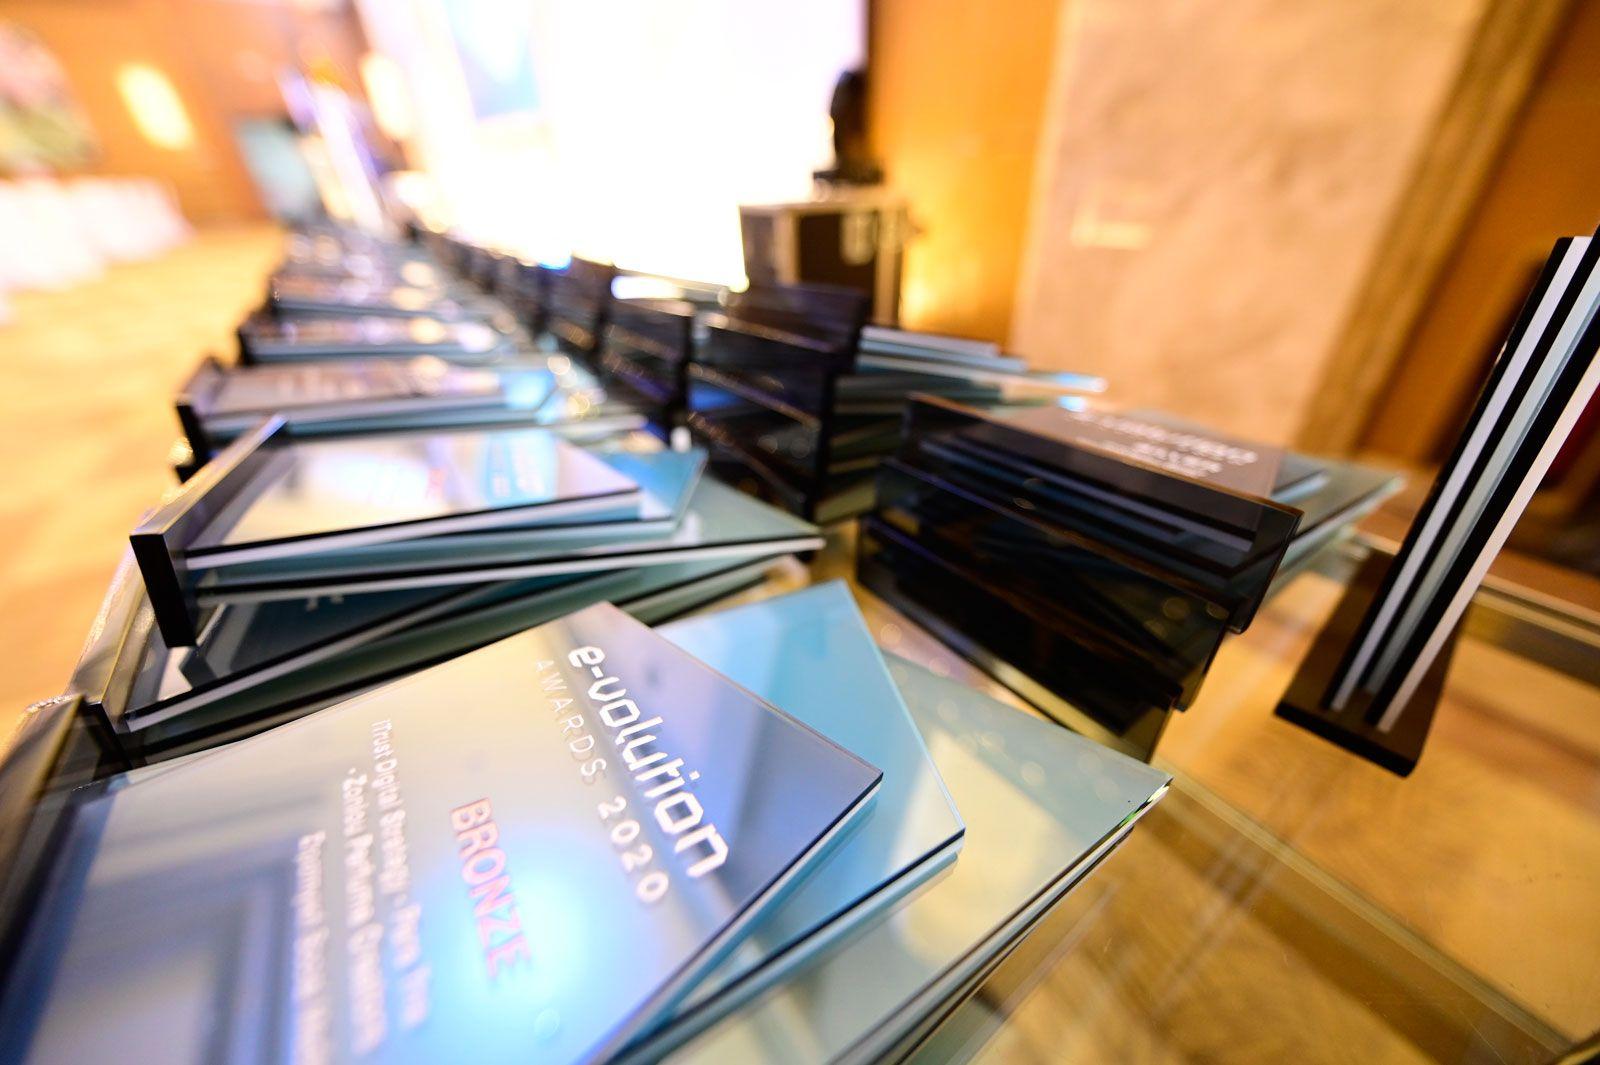 Τριπλή διάκριση για τη Think Plus σταe-volution awards 2020!